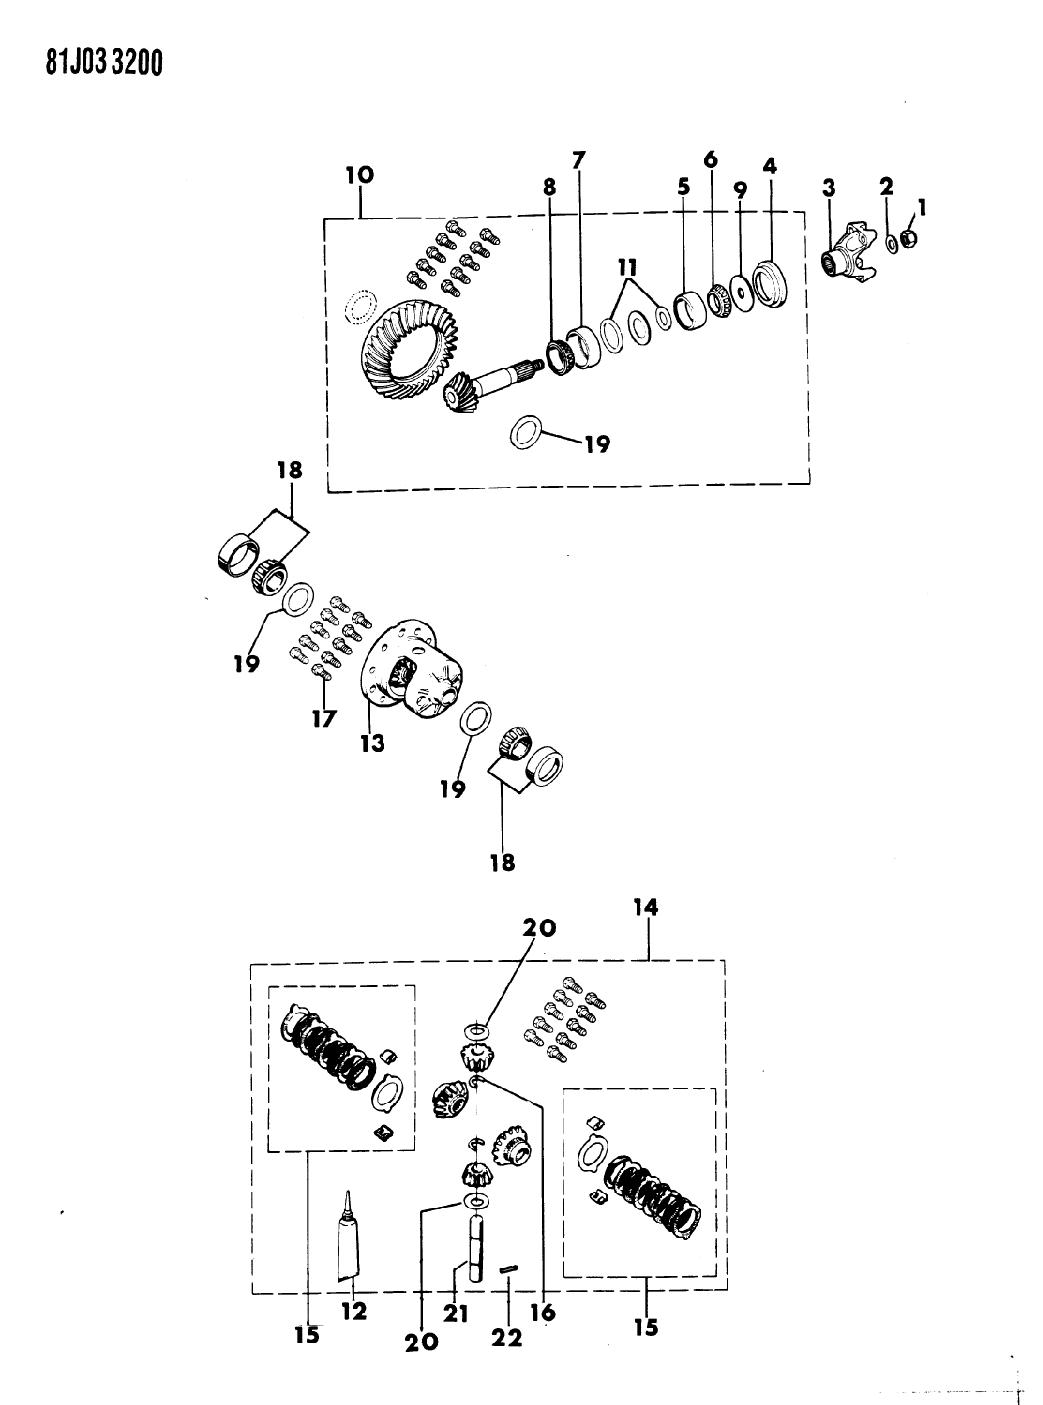 1986 Jeep J10 Differential Gears Mopar Parts Giant Diagram Thumbnail 4